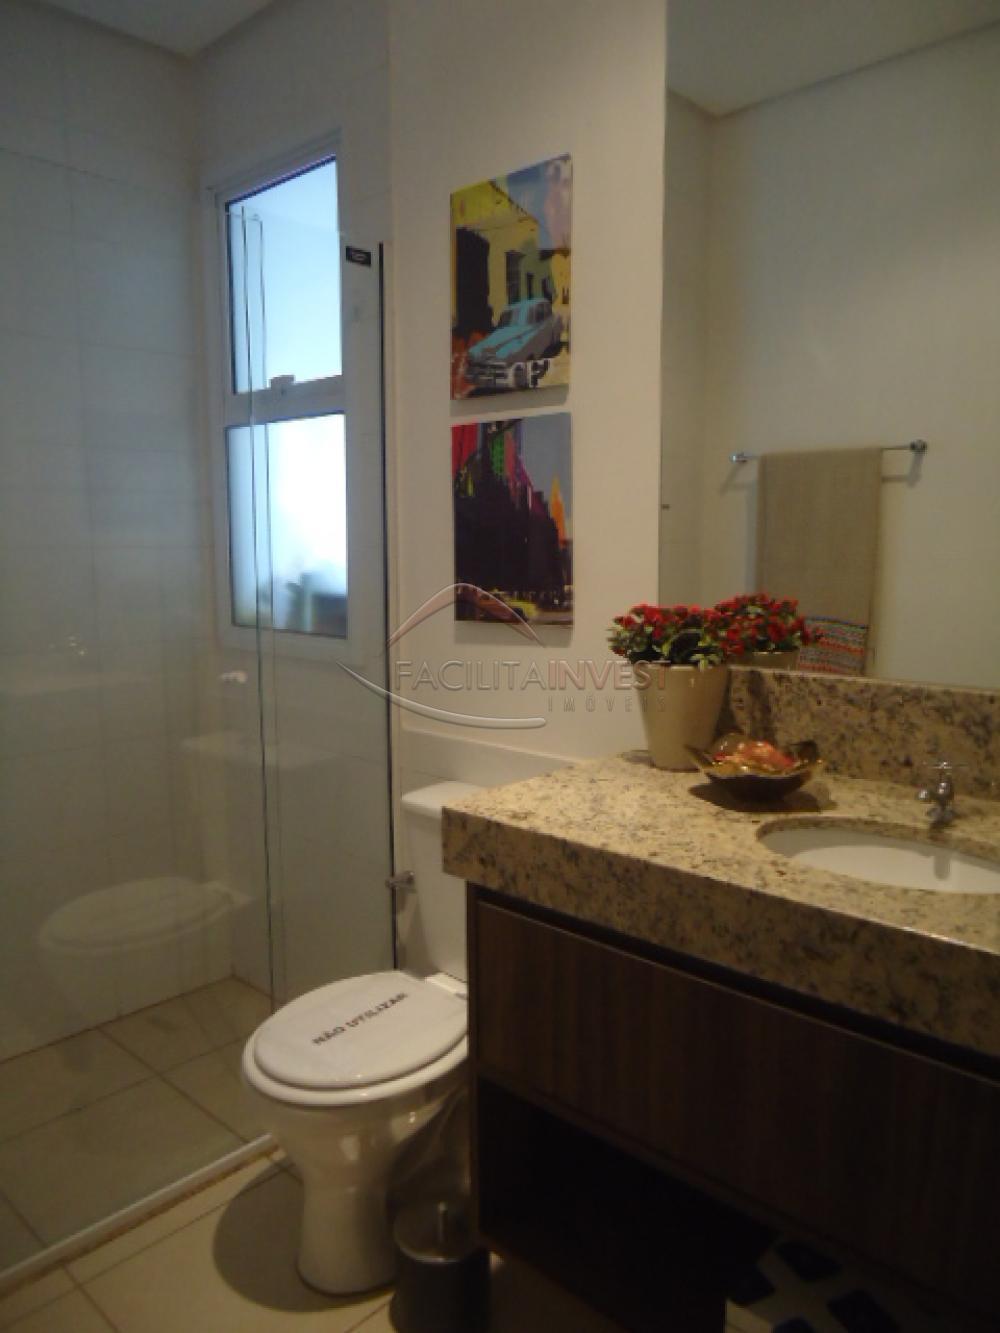 Comprar Apartamentos / Apart. Padrão em Ribeirão Preto apenas R$ 337.330,00 - Foto 10